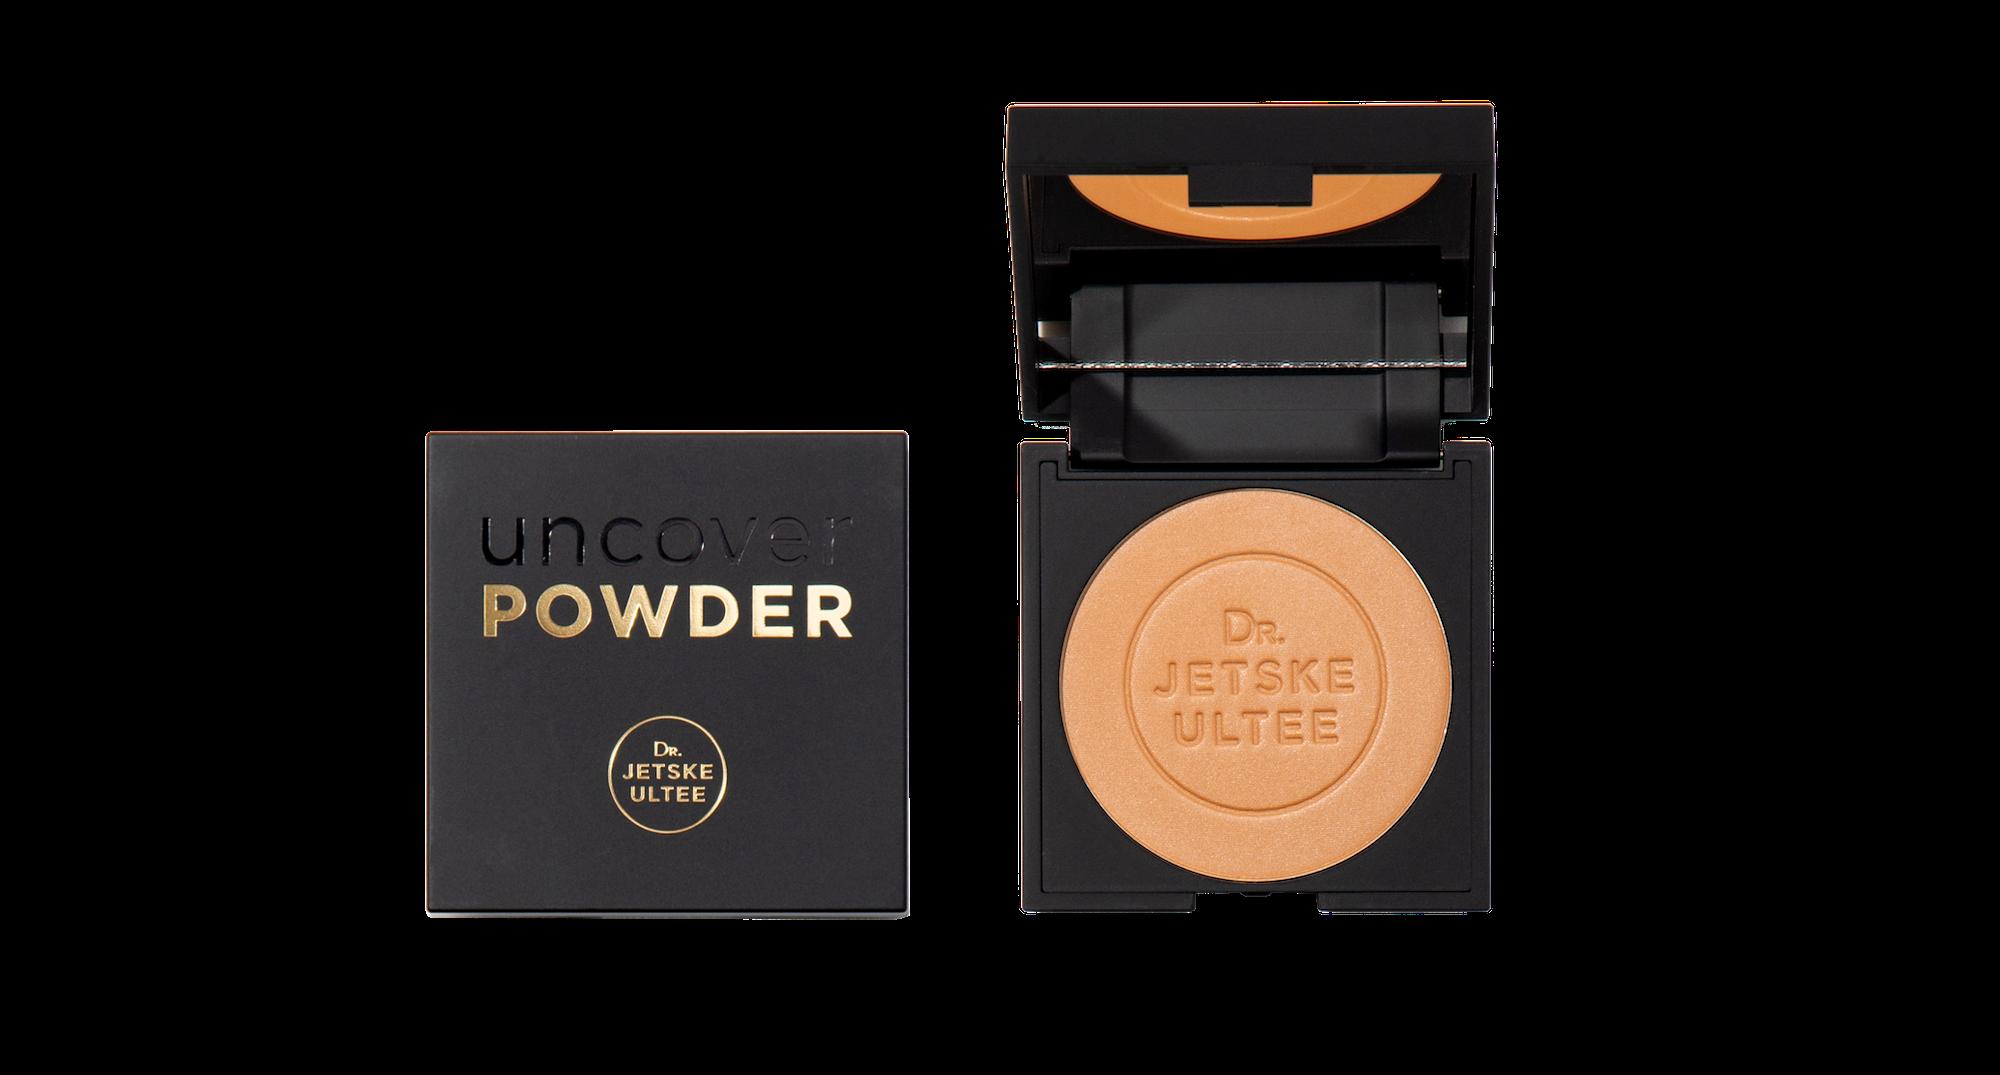 Powder von DR. JETSKE ULTEE Modepilot Gescihtspuder